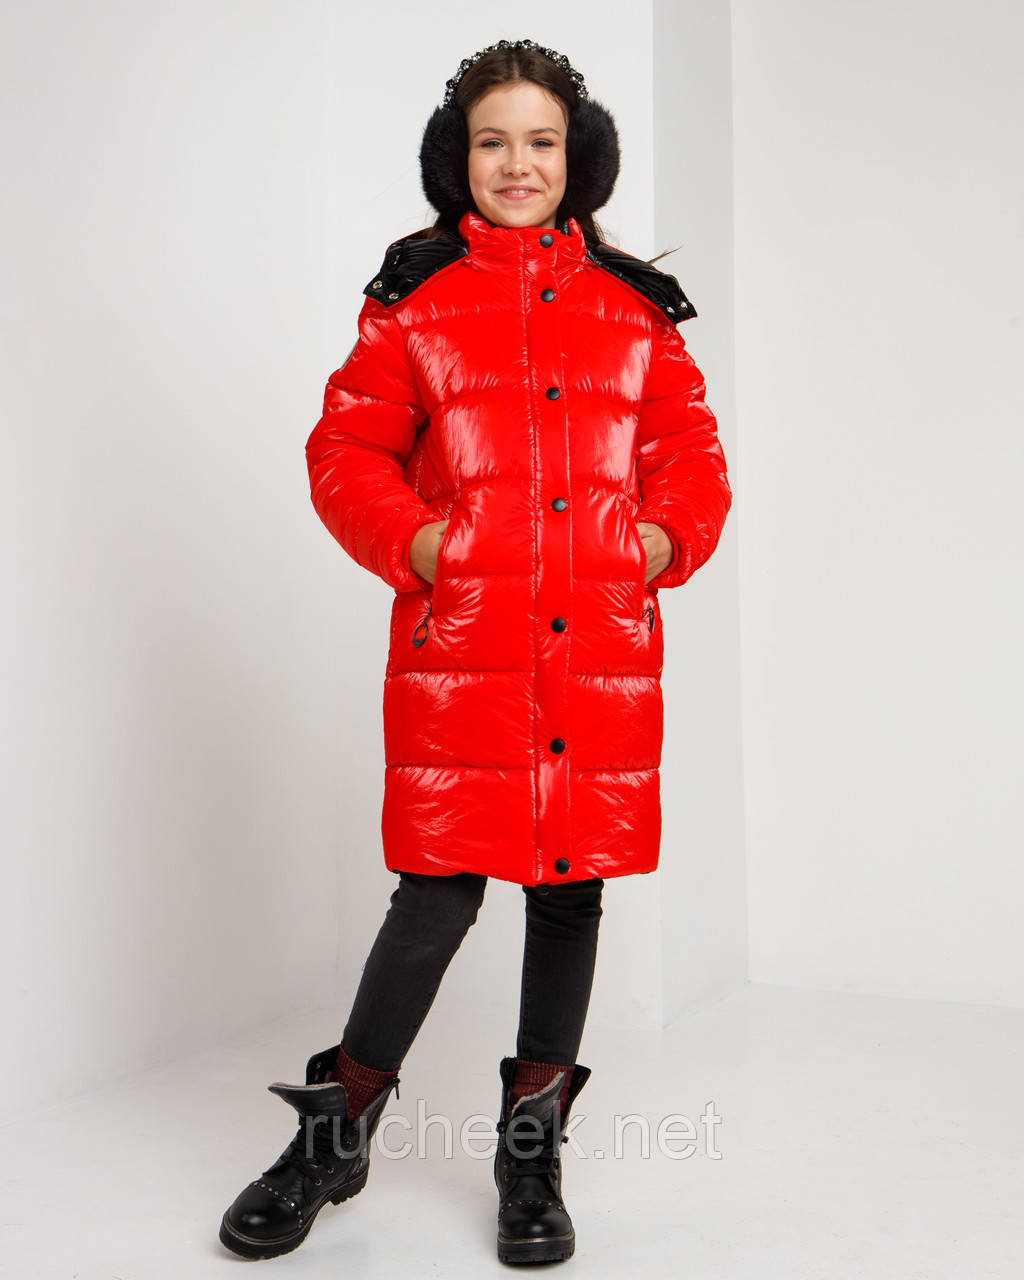 Блестящая красная зимняя куртка для  девочки рост 146 -152. Лаковый красный пуховик детский